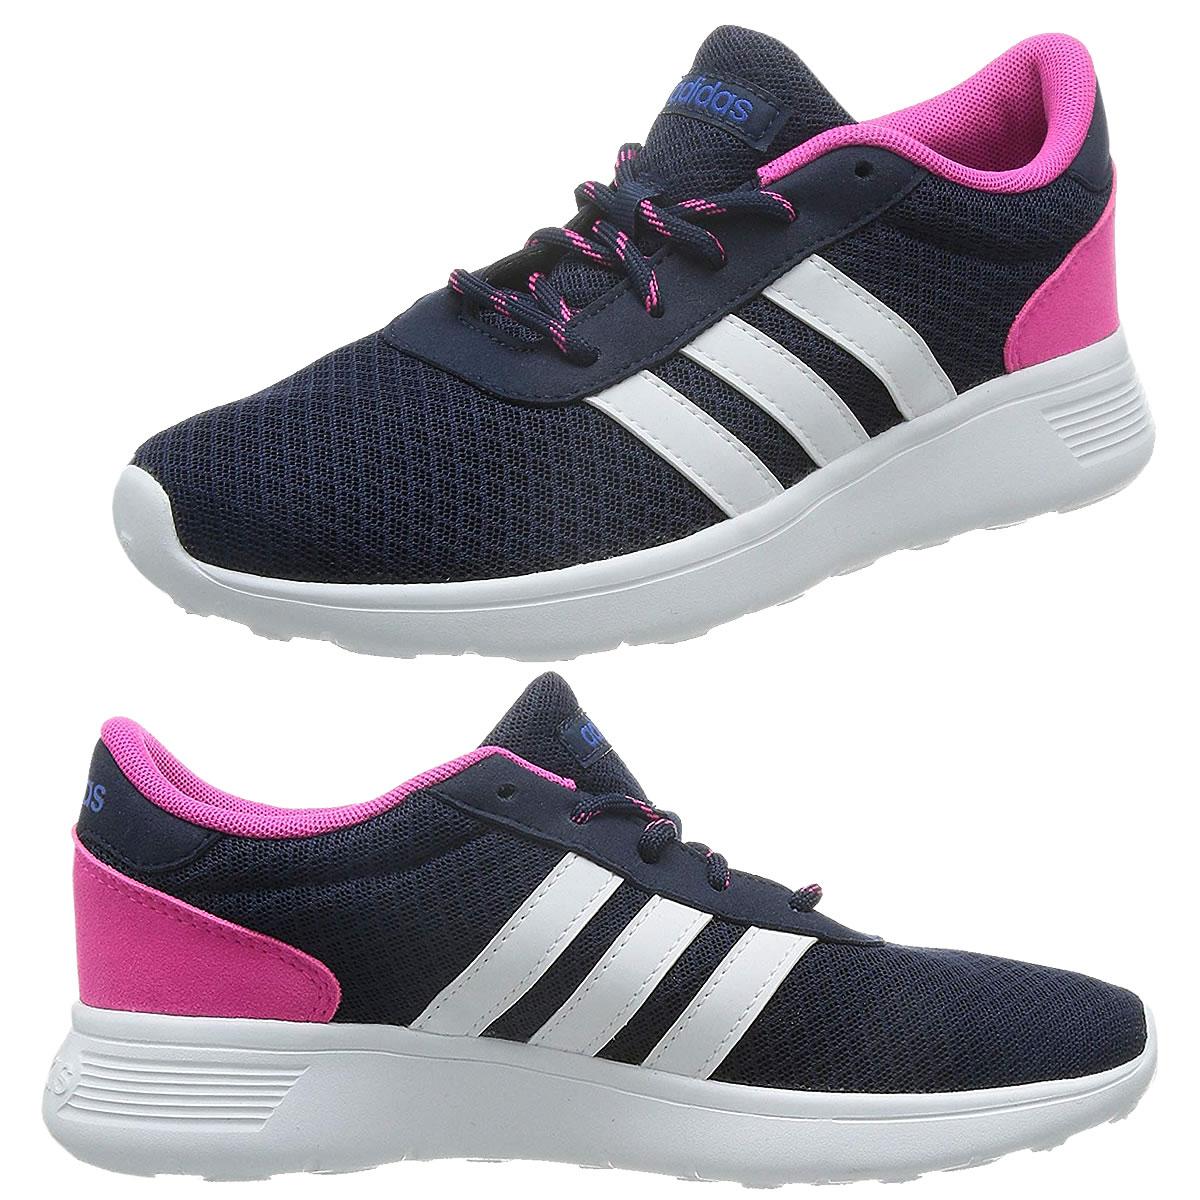 Details zu adidas Damen Schuhe Neo Sneaker Lite Racer Freizeit Sportschuhe  Mesh blau-pink